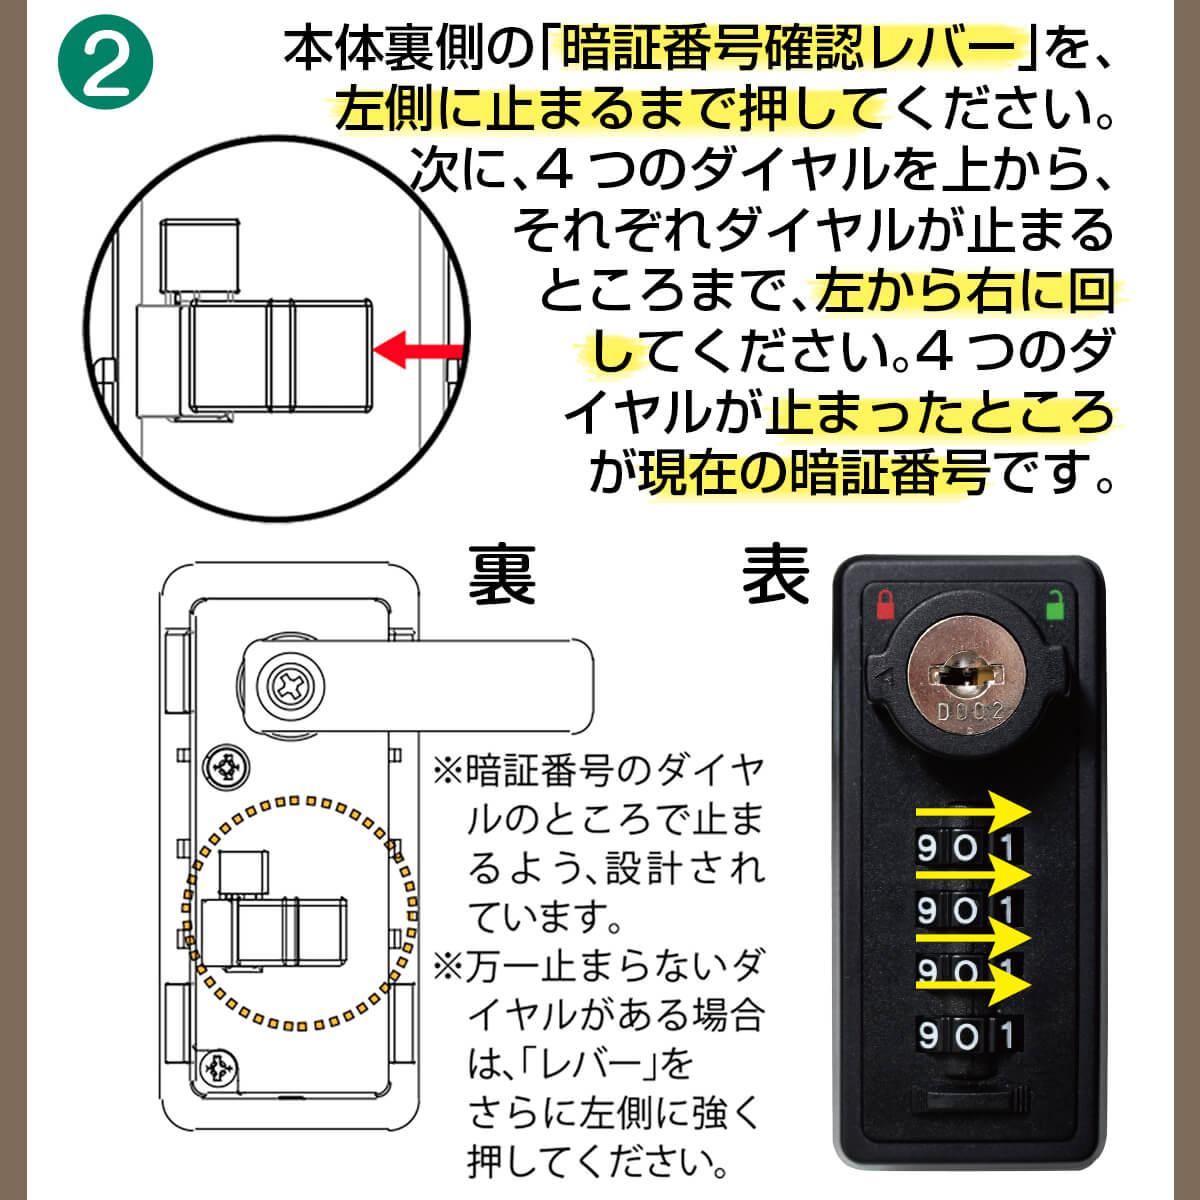 宅配ボックス ルスネコボックス®の解除方法3